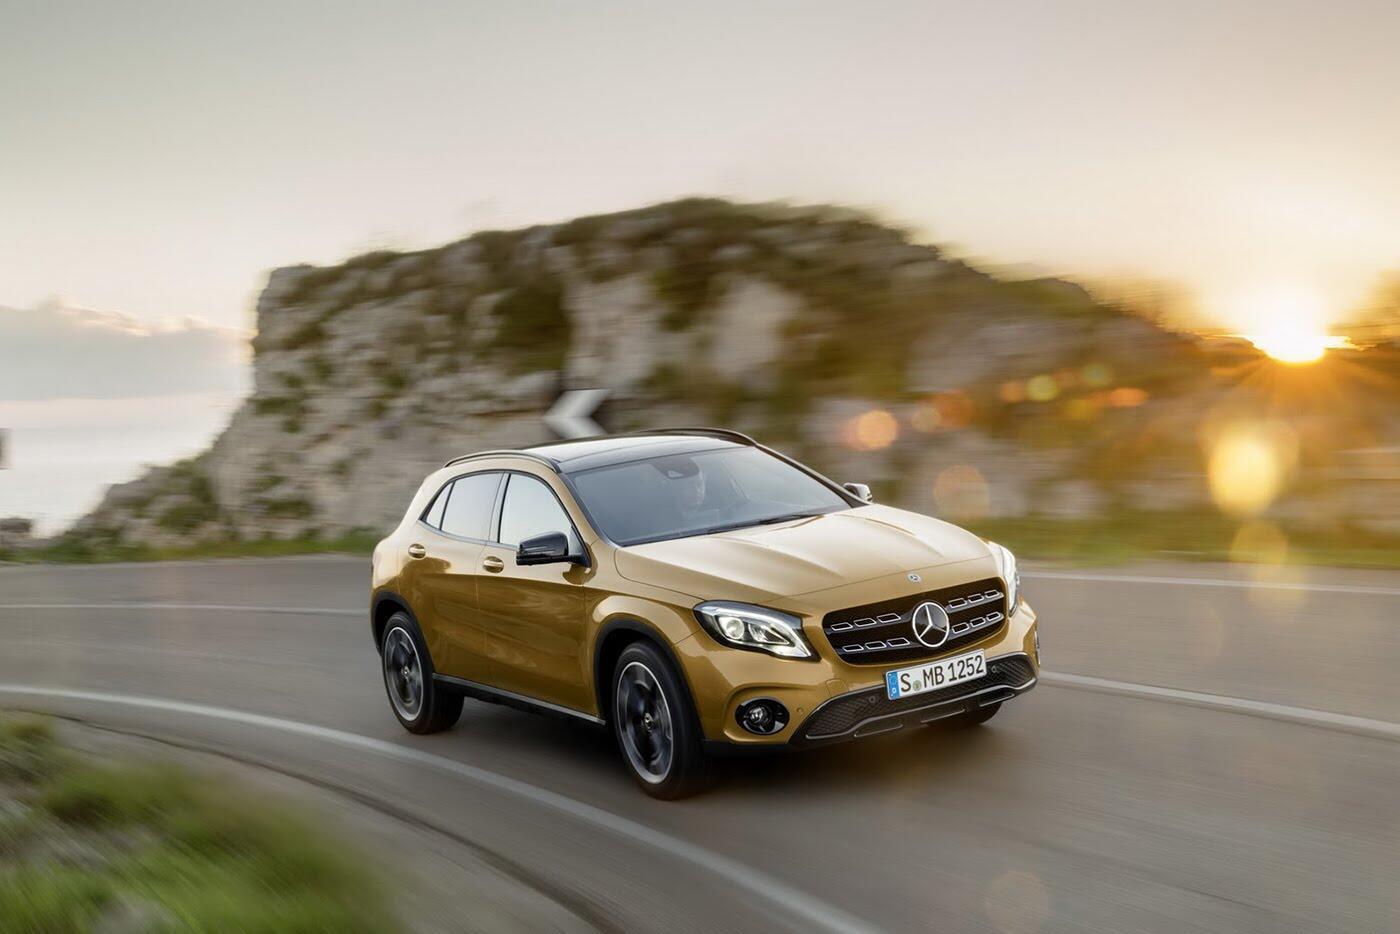 Mercedes GLA bản nâng cấp có giá từ 43.900 USD - Hình 1